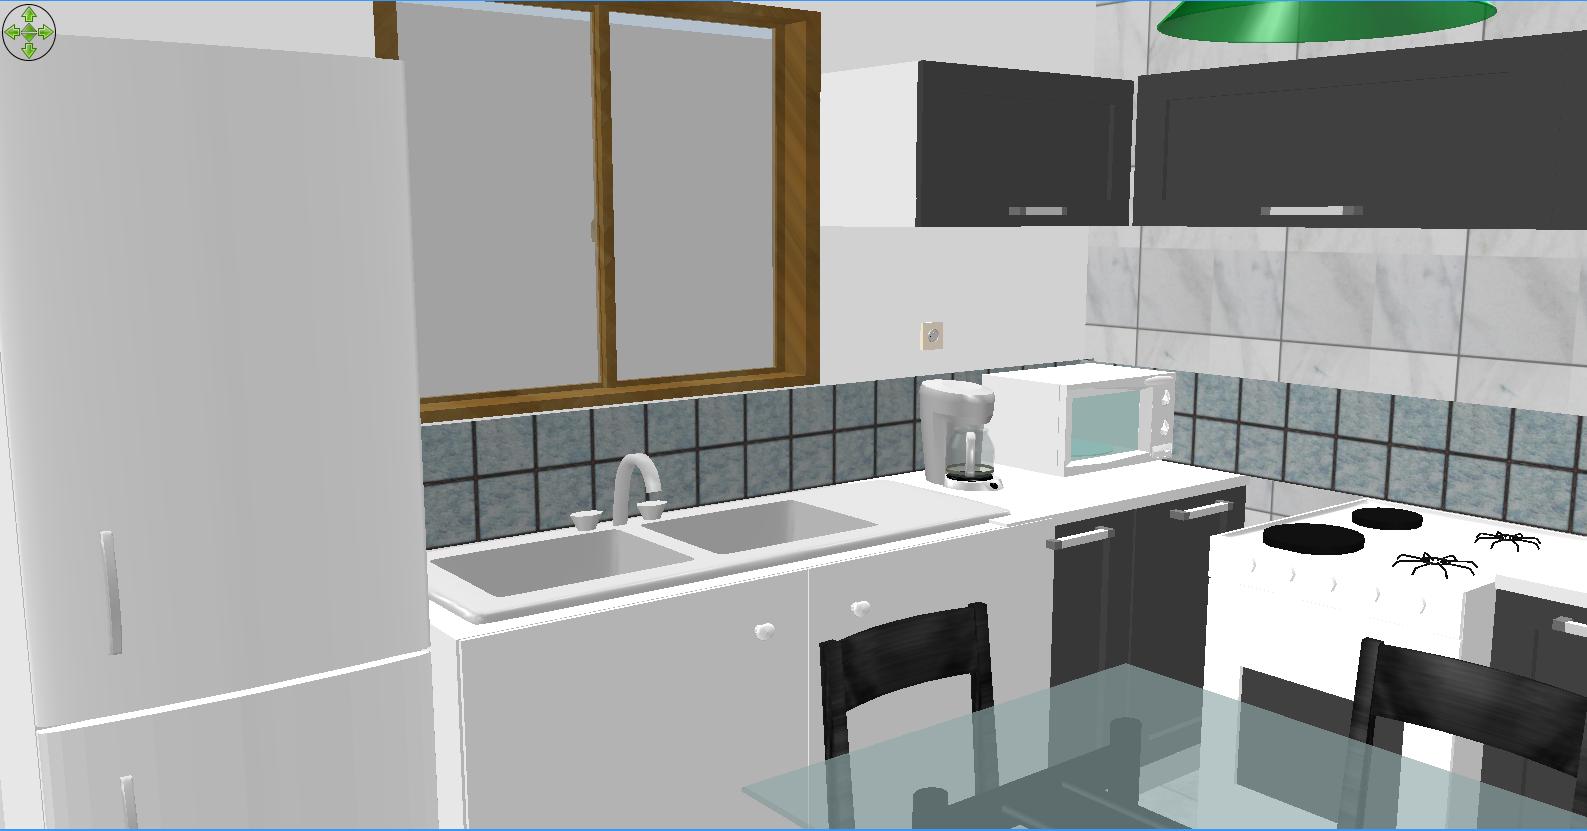 #634920 Macoi Projetos de Casas: Projeto de casa com 2 dormitórios sala  1587x831 px Projetos Cozinha Com Area De Serviço_5063 Imagens